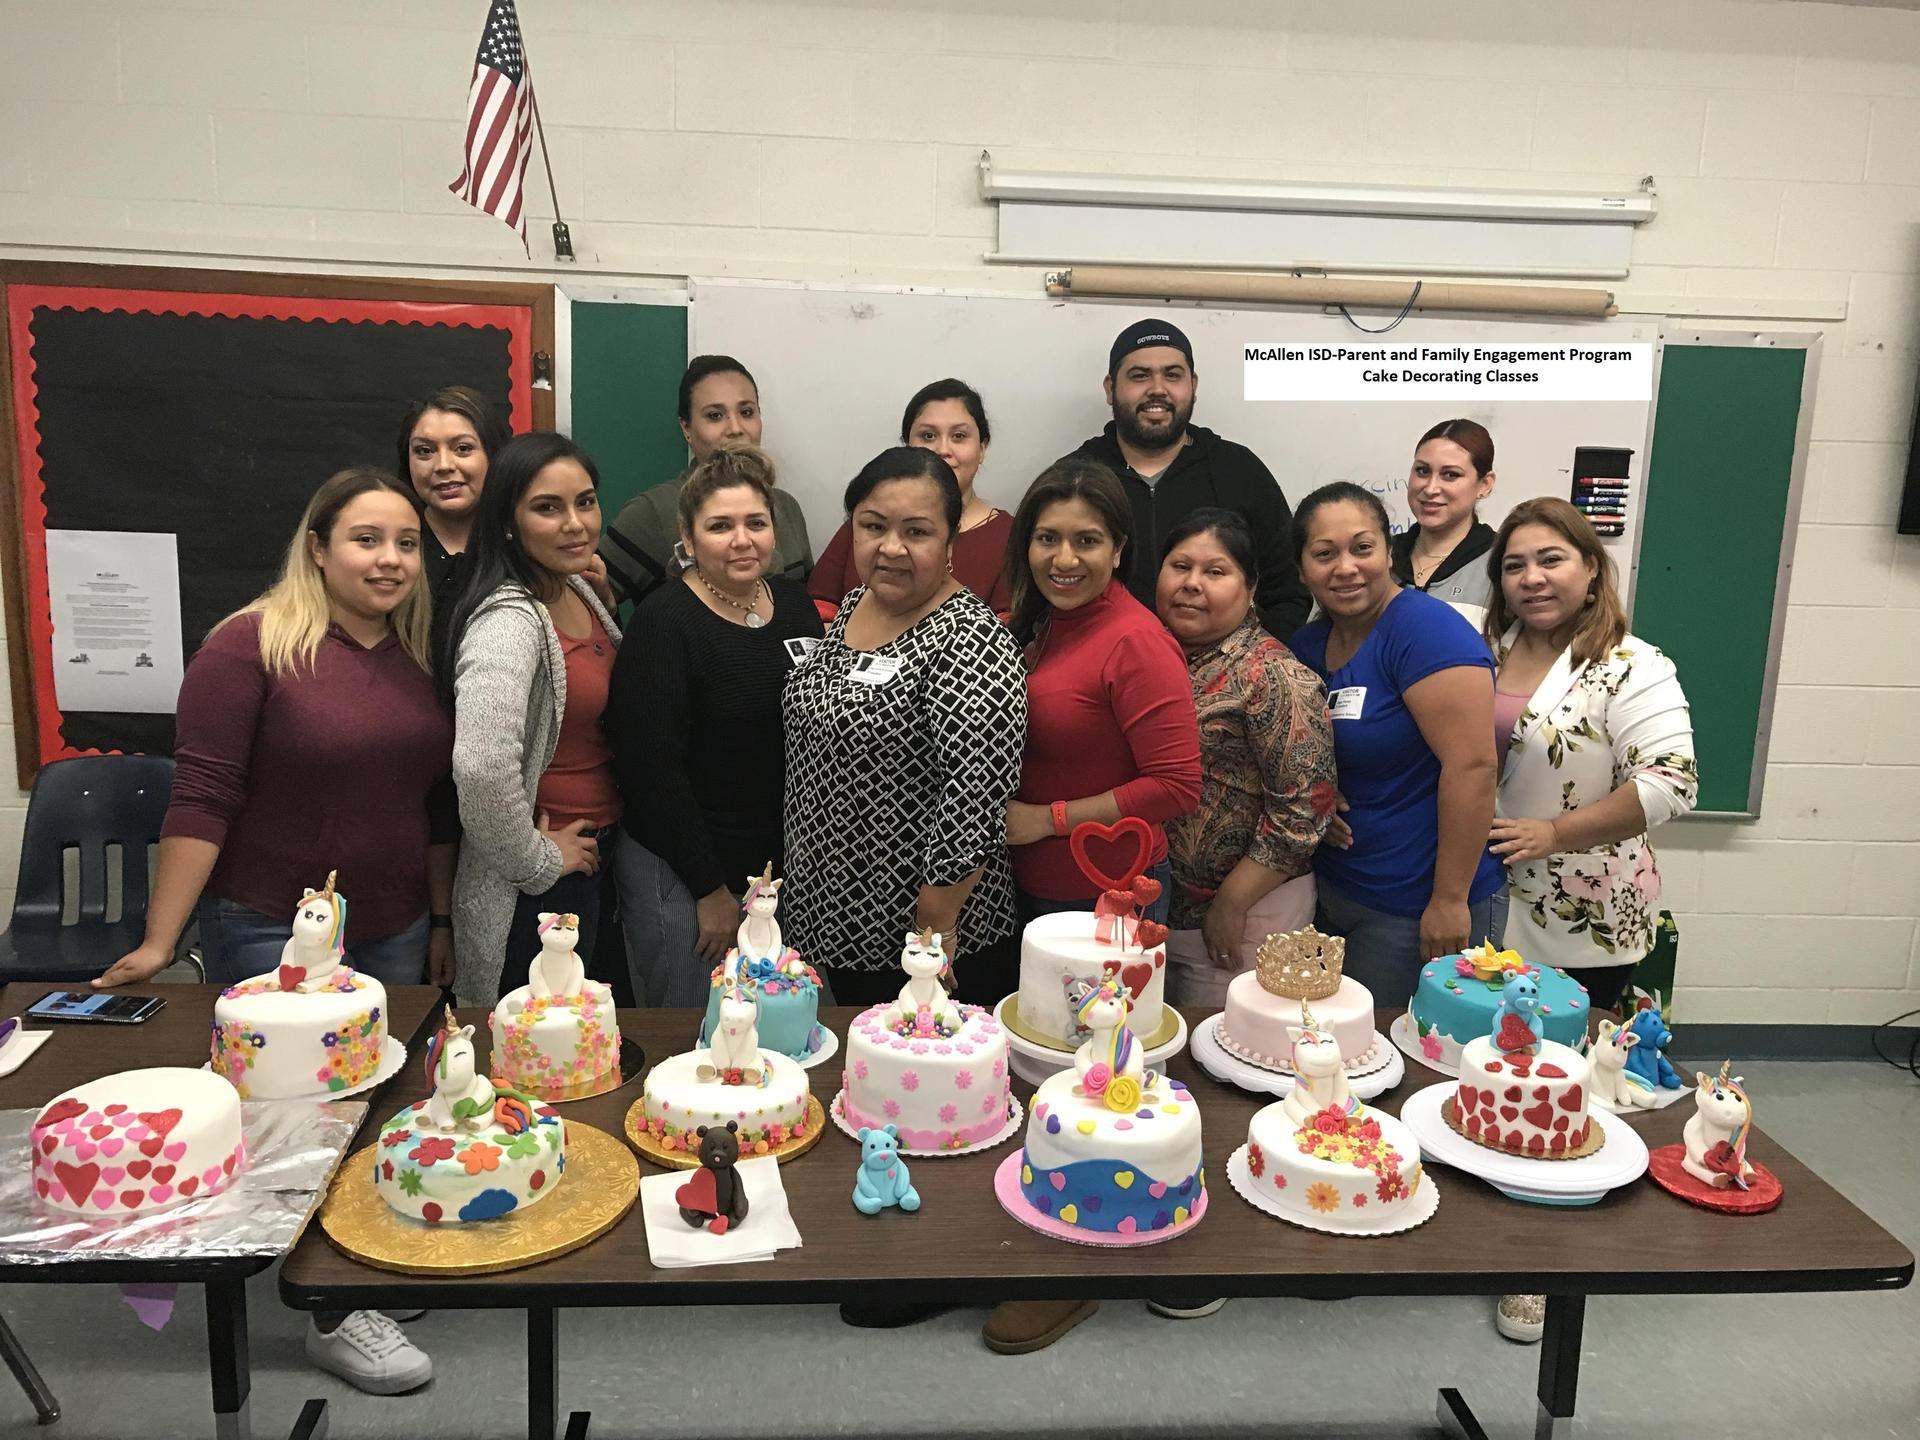 Cake Decorating Classes